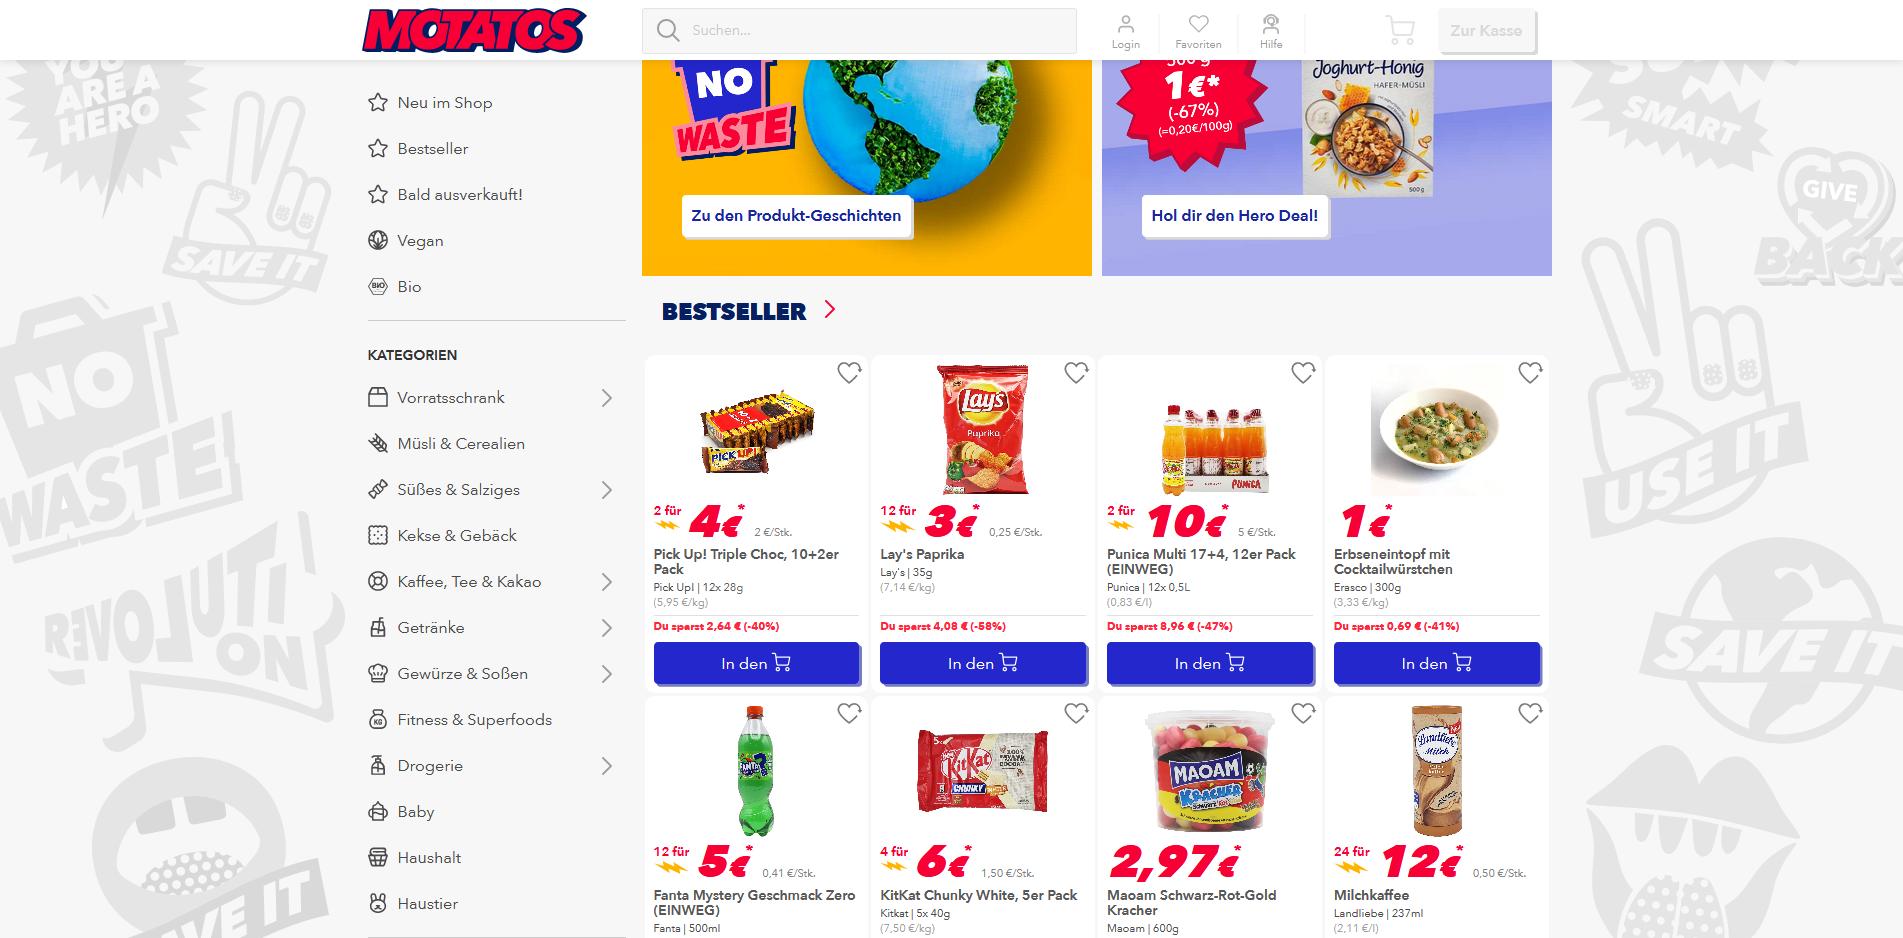 Motatos Online-Shop - perfekte Lebensmittel retten